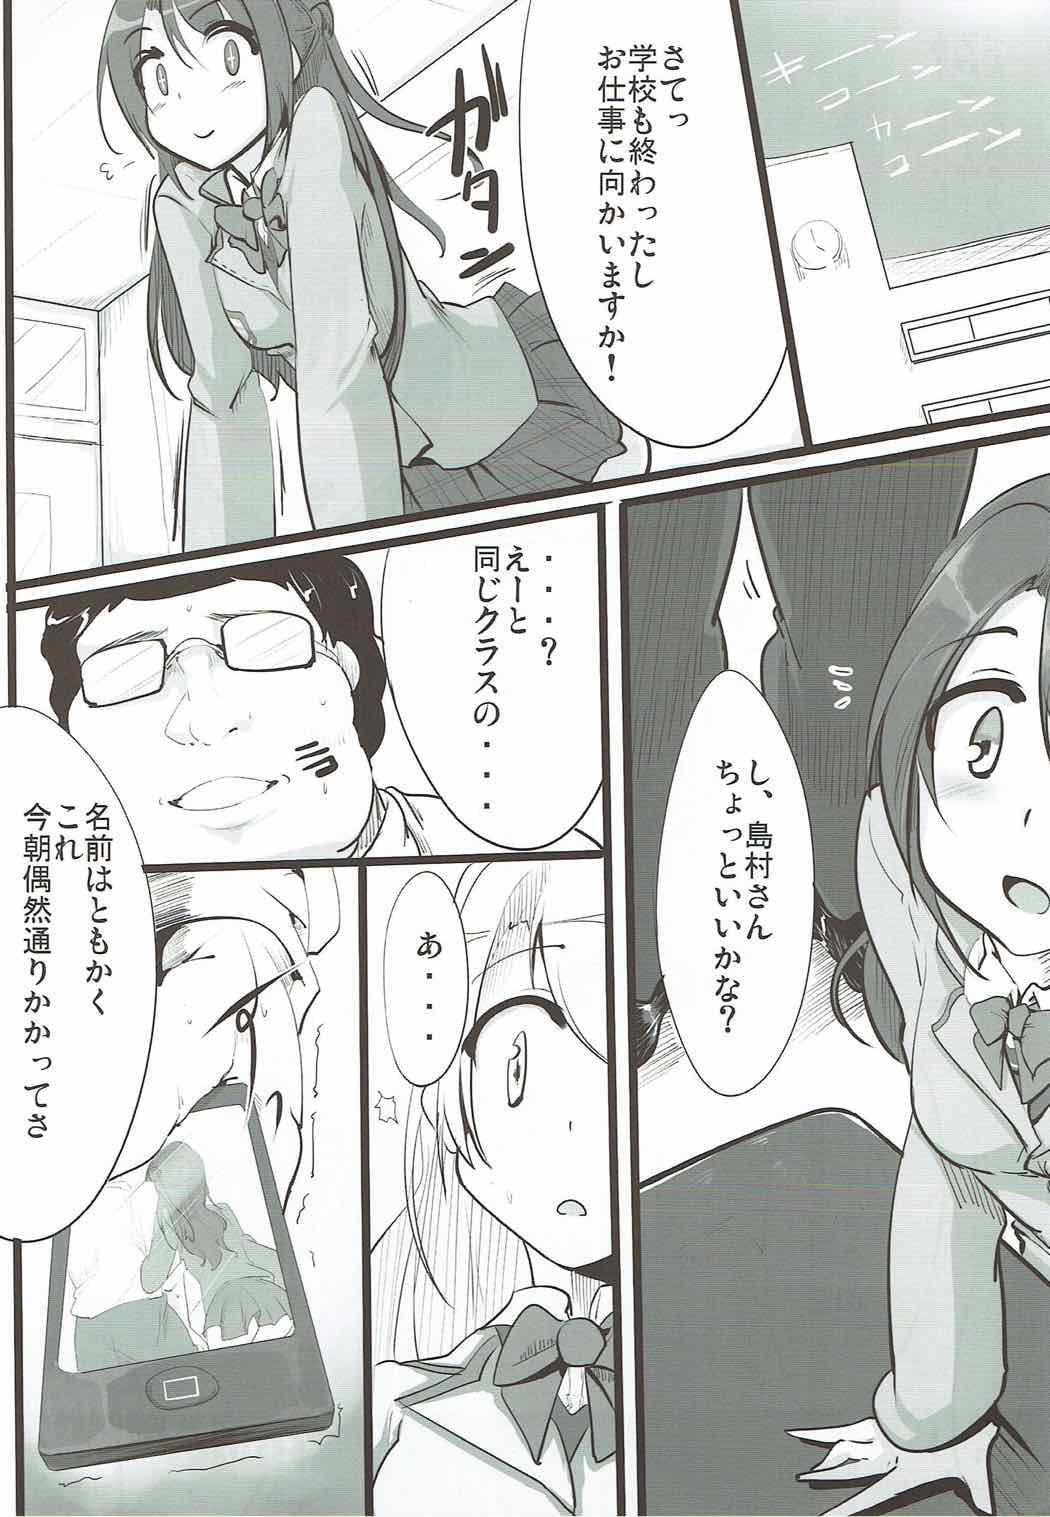 Idol Yatteru Classmate to Inkou shichattari suru Hon 4